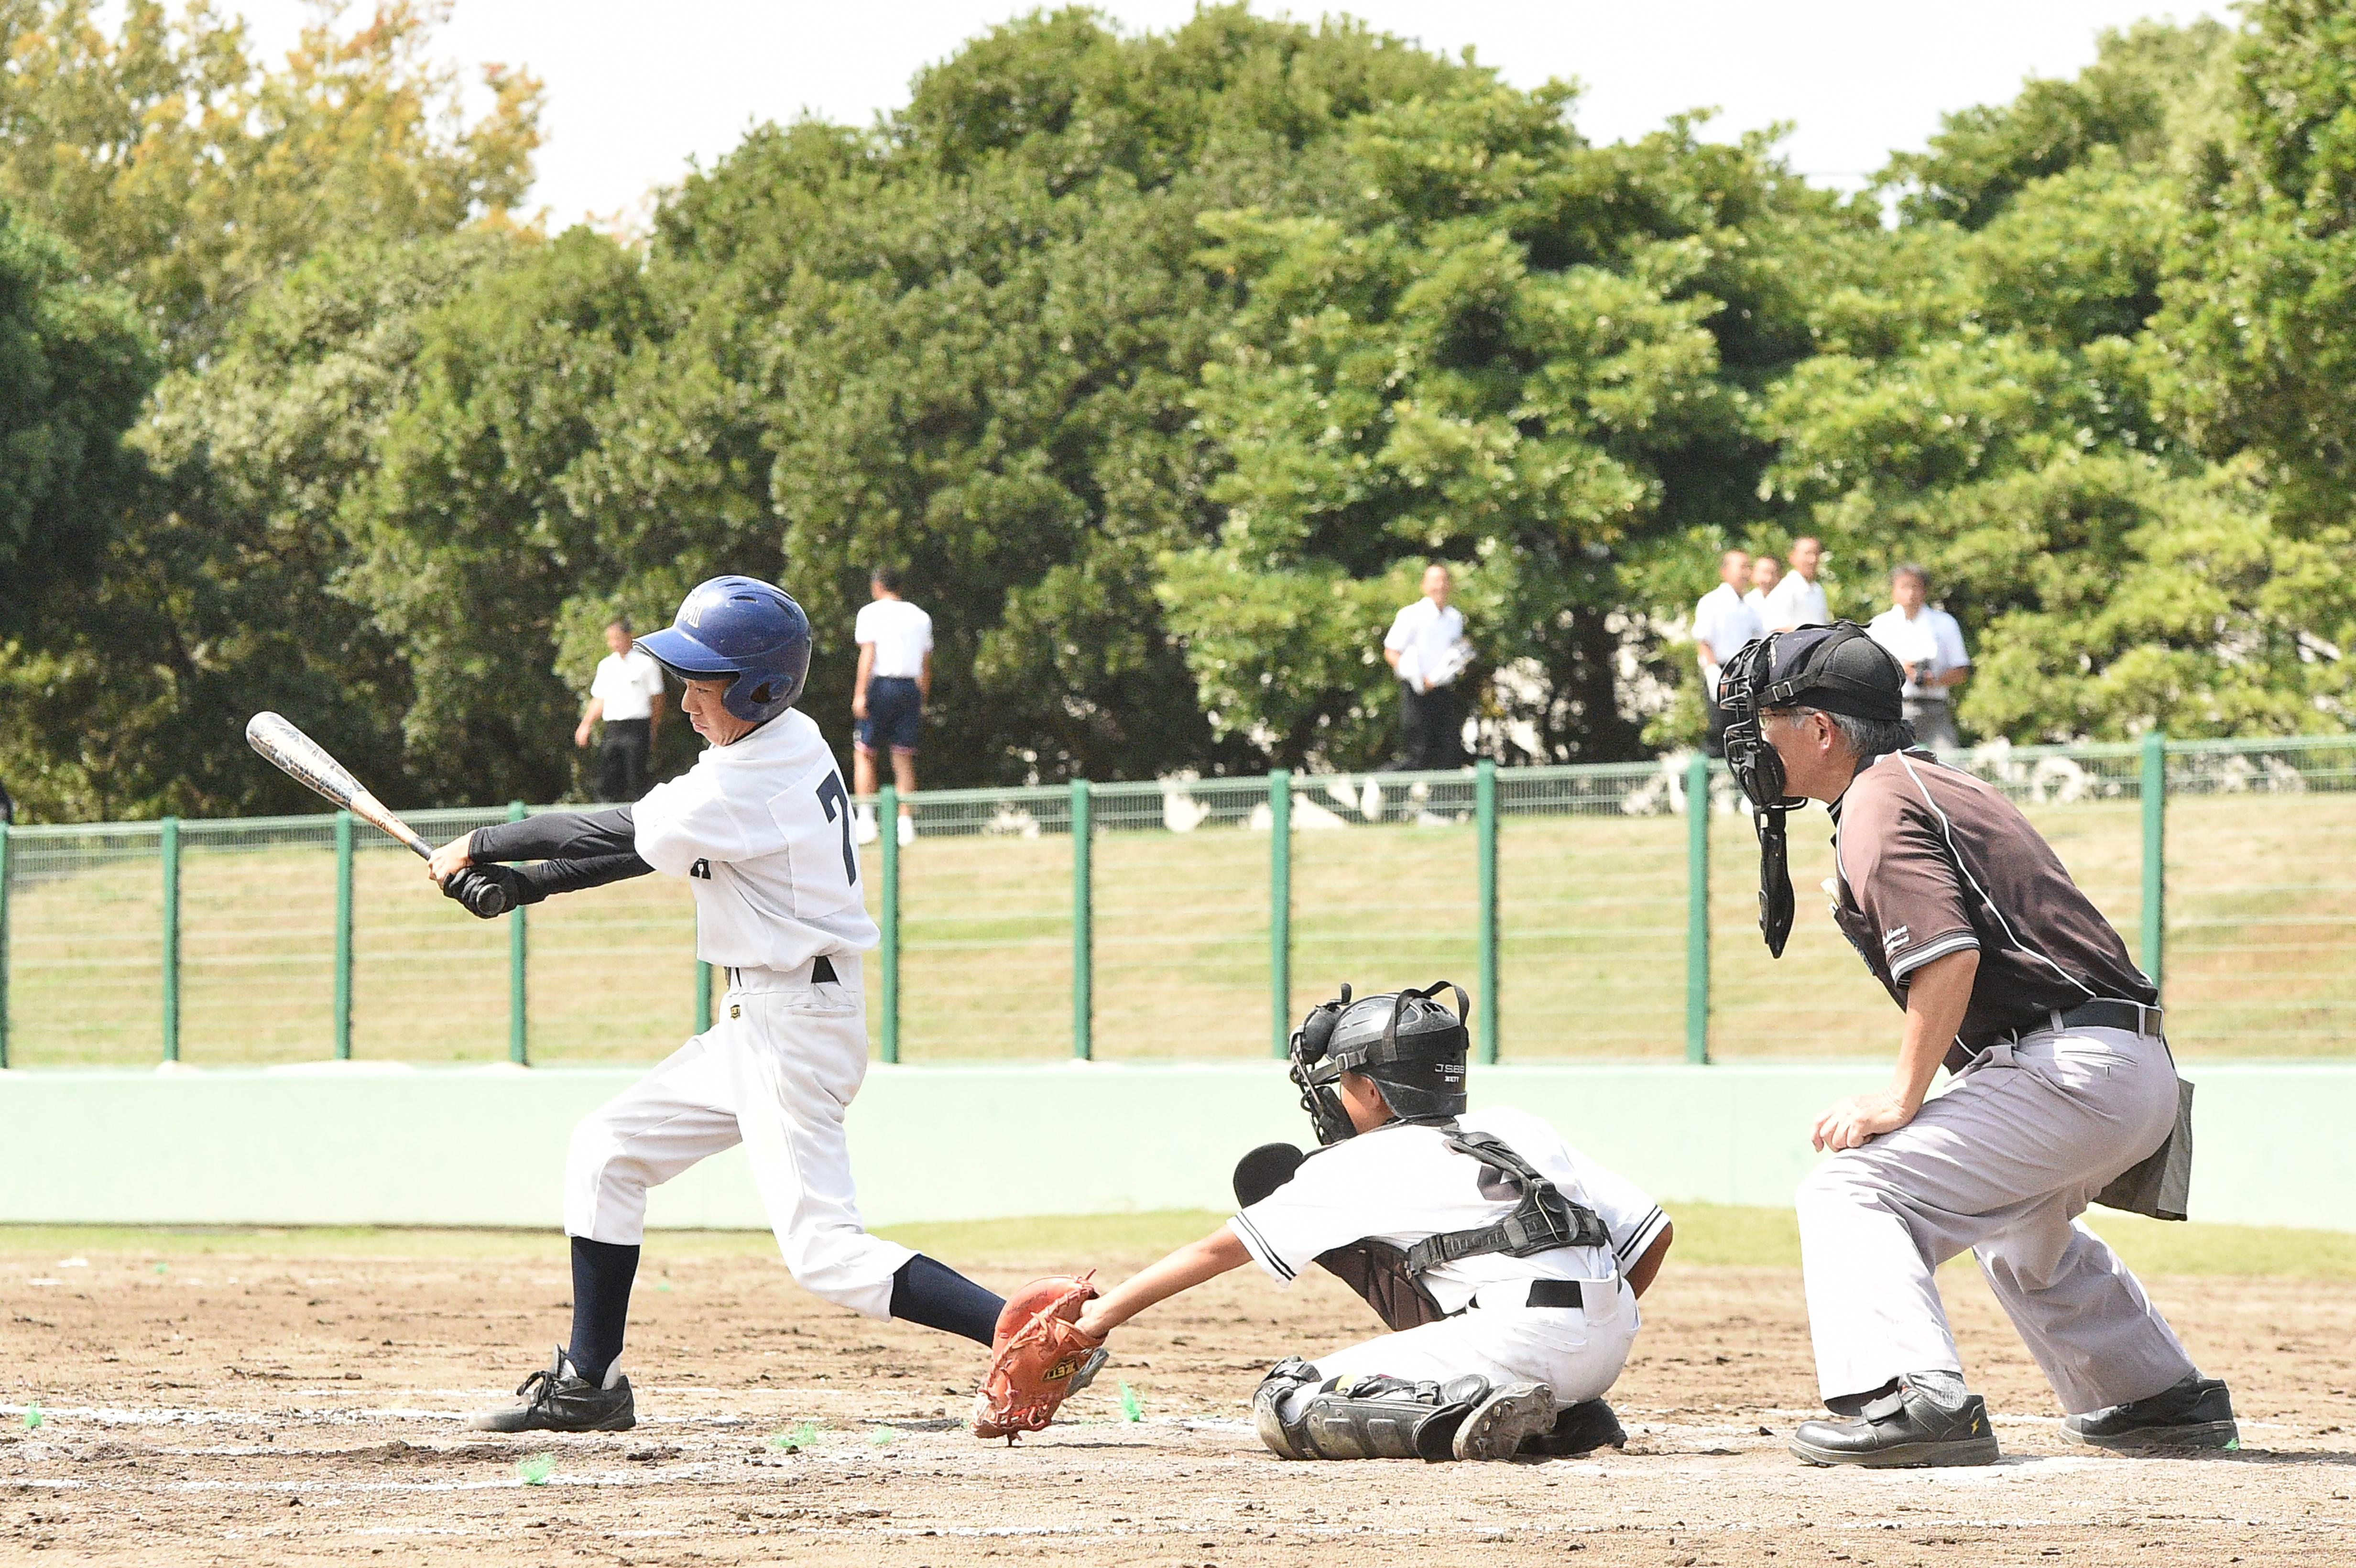 basaball (16)